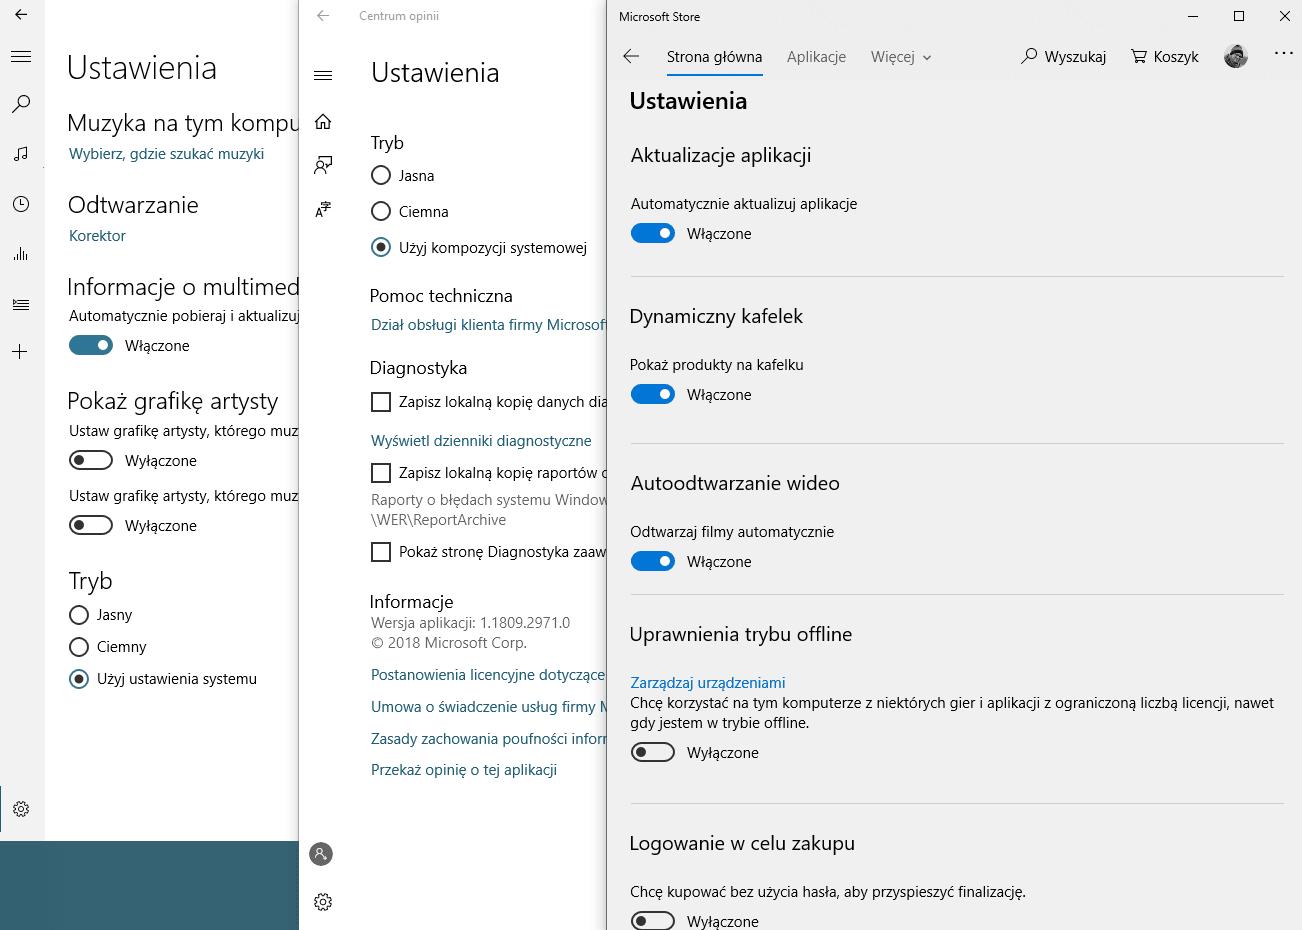 Tabletowo.pl Gdyby tak wyglądał Windows 10, to chyba nikt z nas by się nie obraził Koncepcje Microsoft Opinie Windows